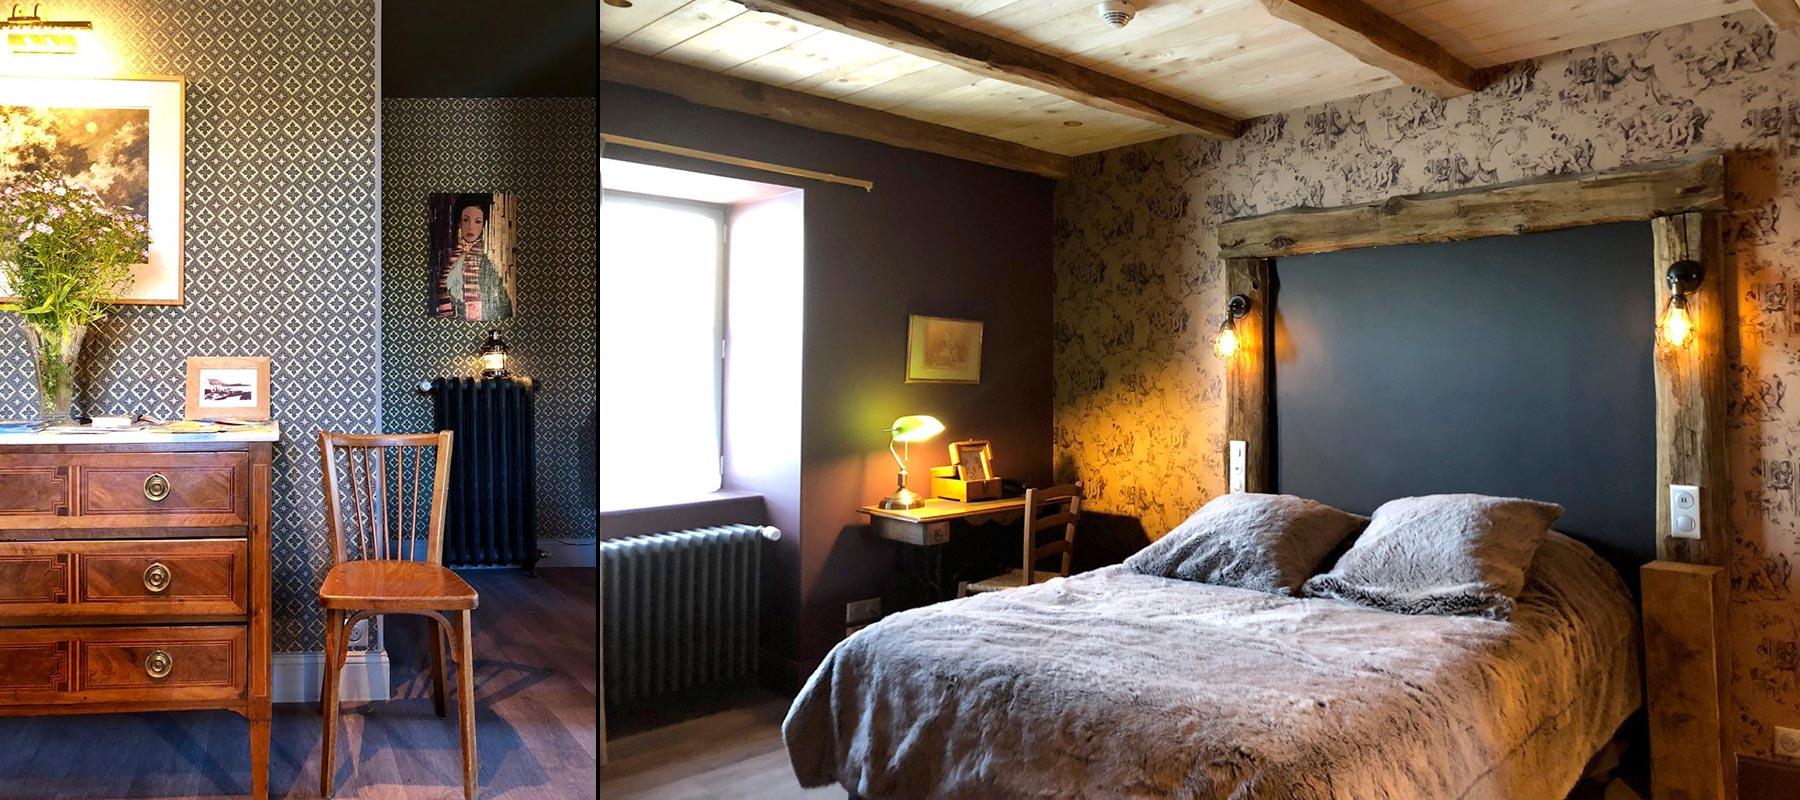 Chambres d h tel de charme la nature au mont dore for Hotel mont dore avec piscine interieure